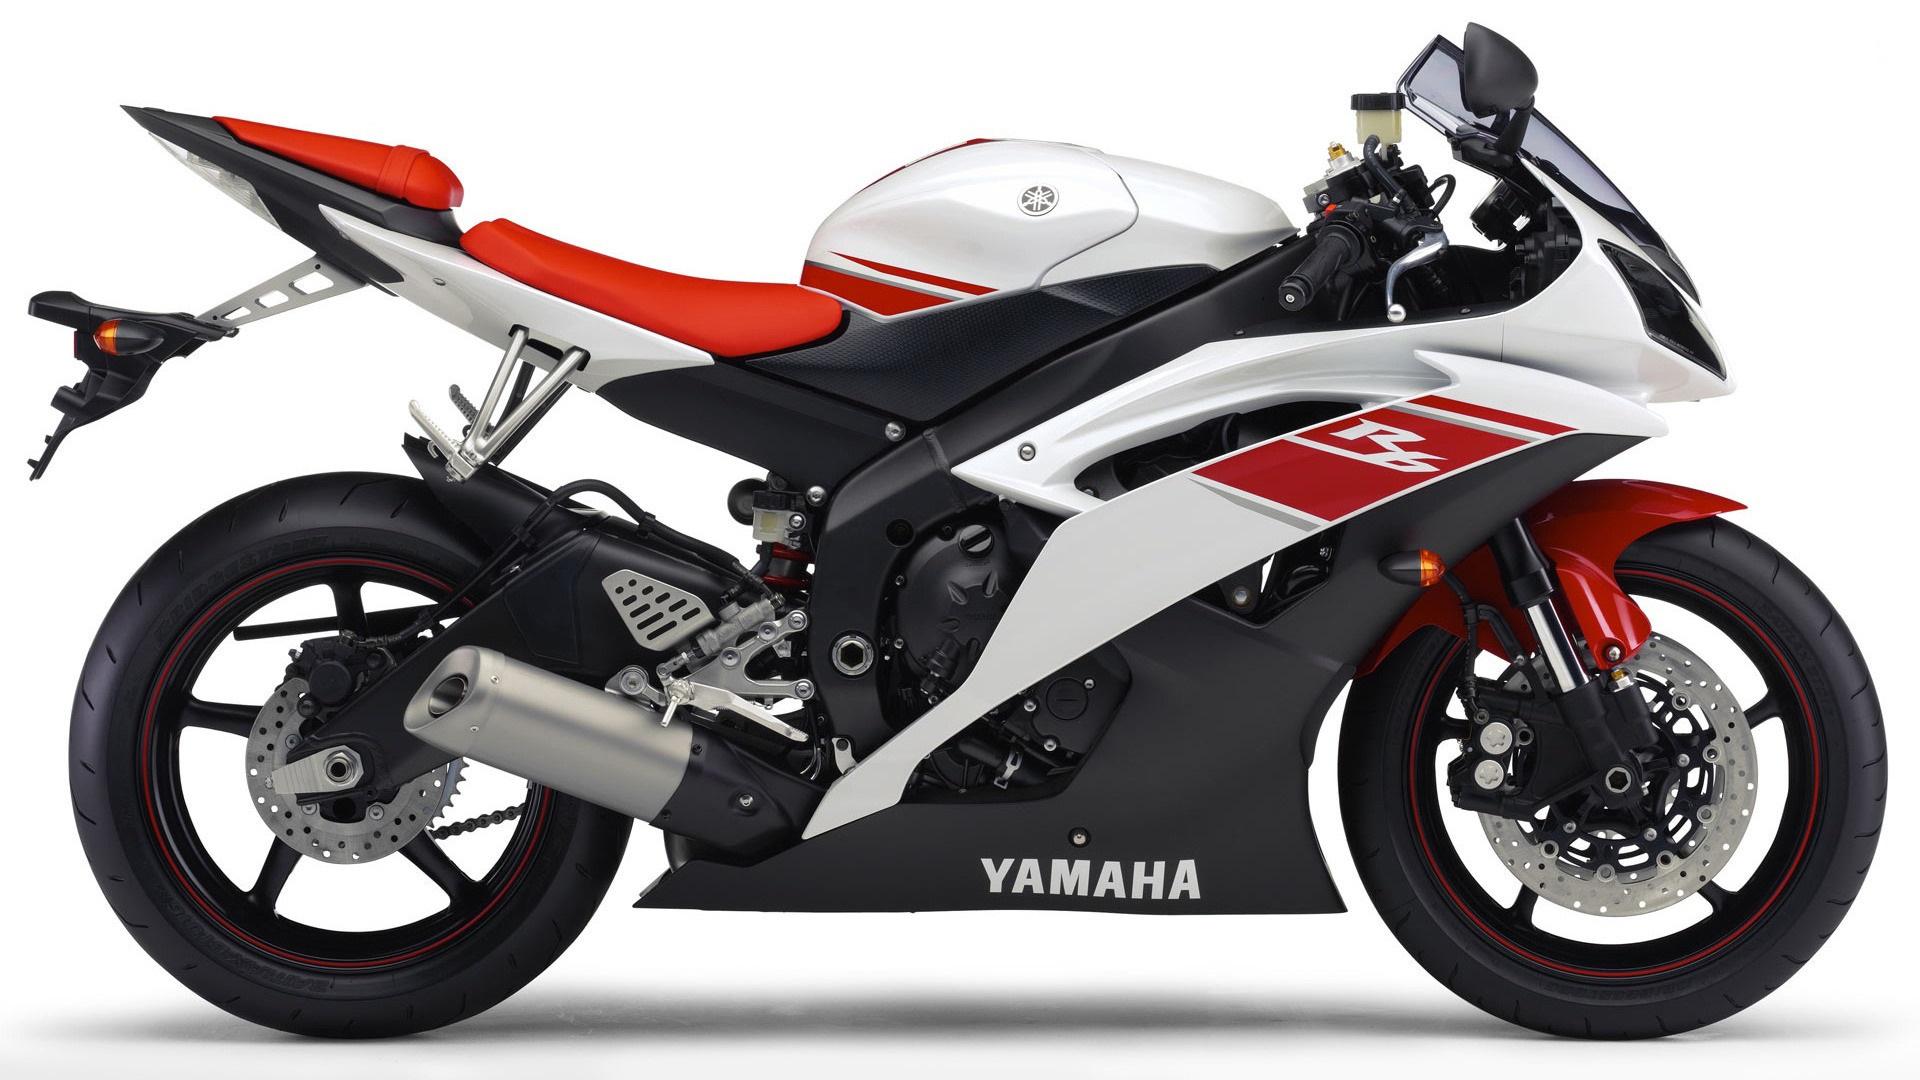 Yamaha Tesseract Bikes Photos & images